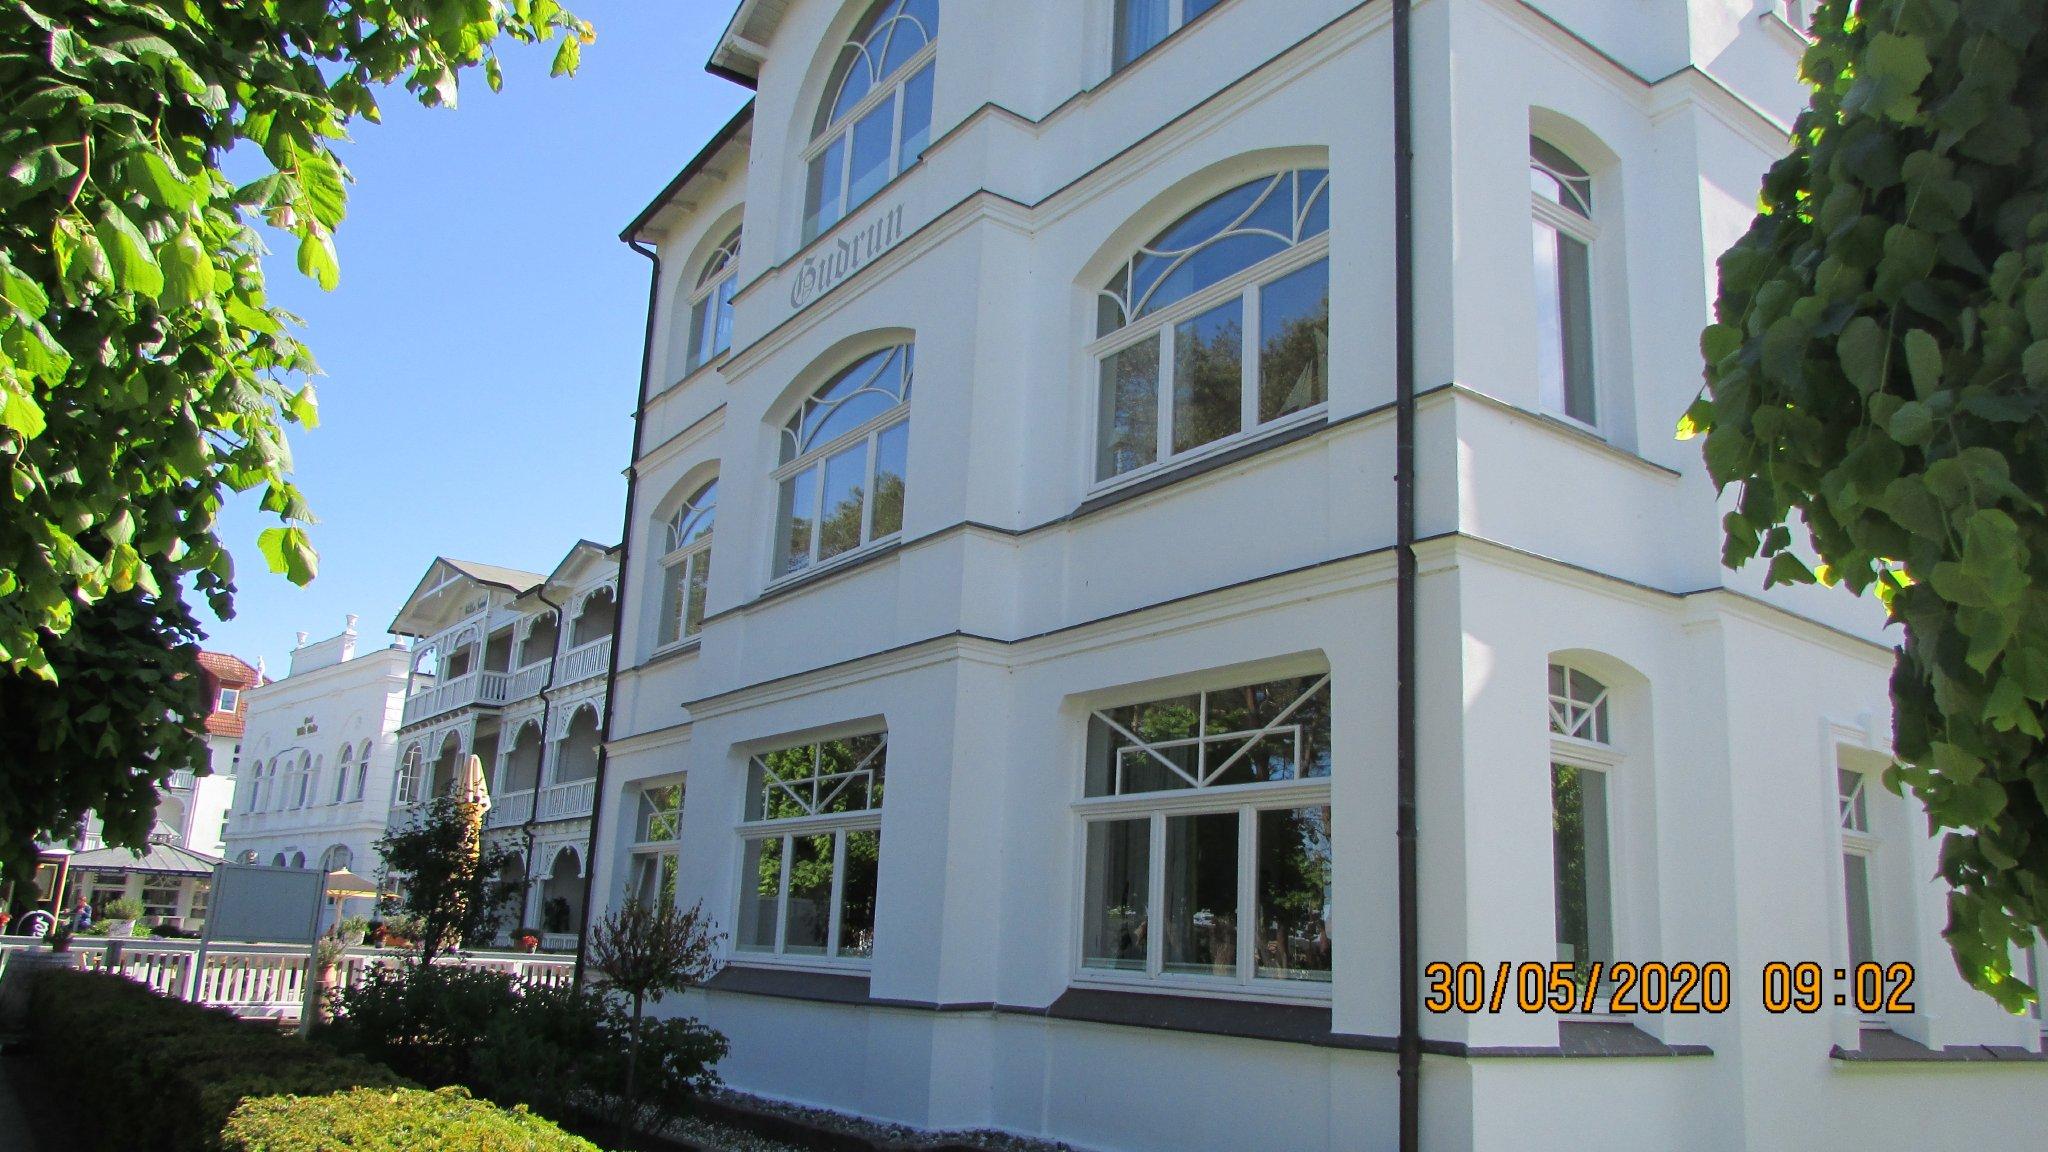 Das Haupthaus - Die Villa Gudrun